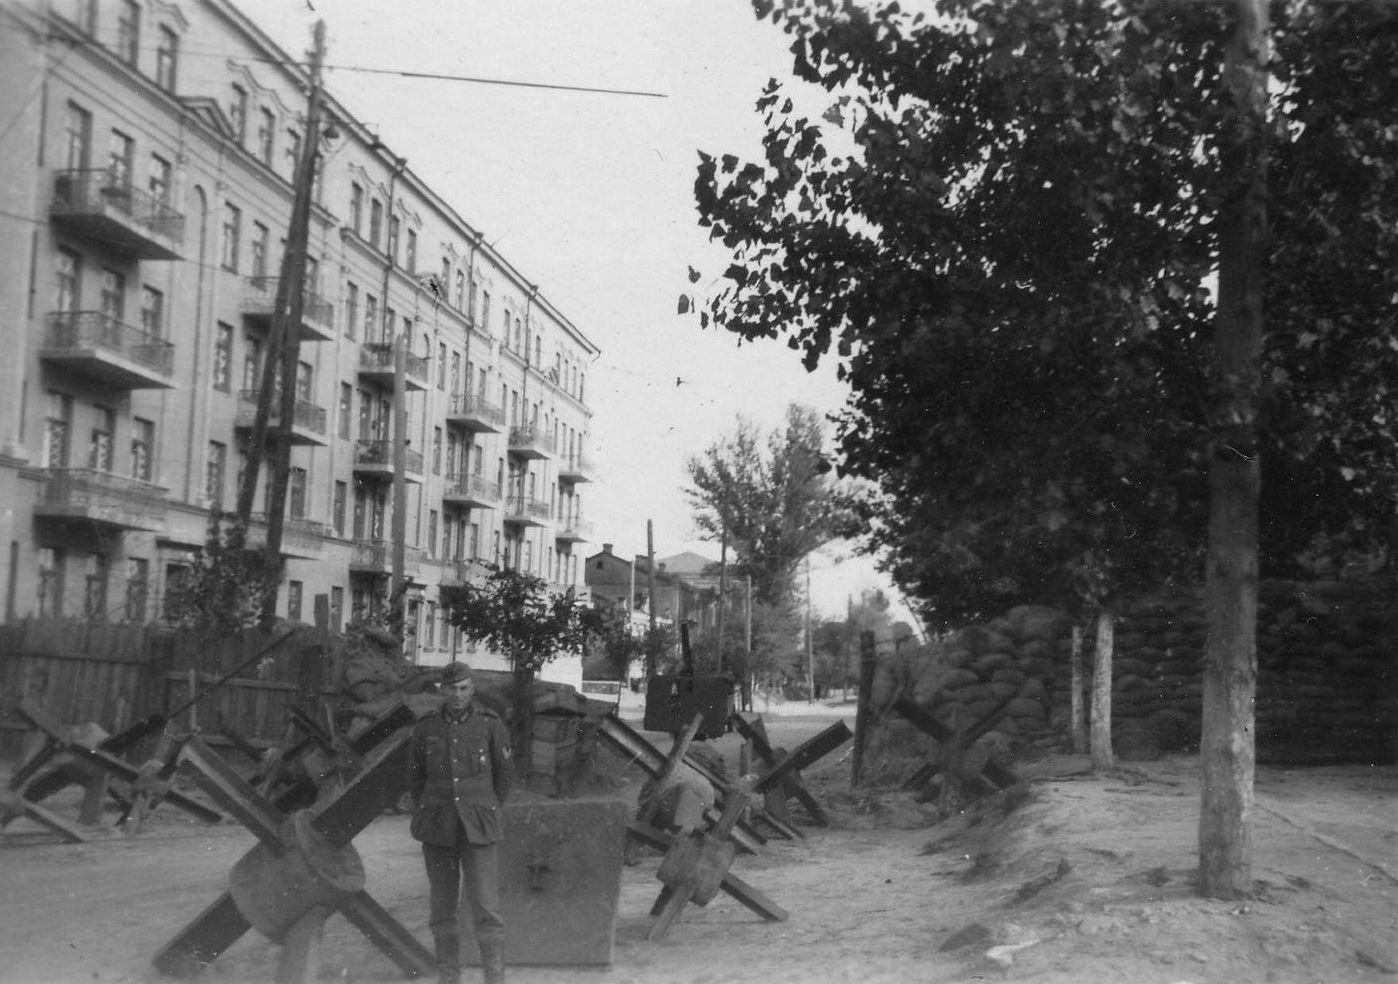 Немецкий солдат на фоне баррикады. Киев, лето 1941 года.